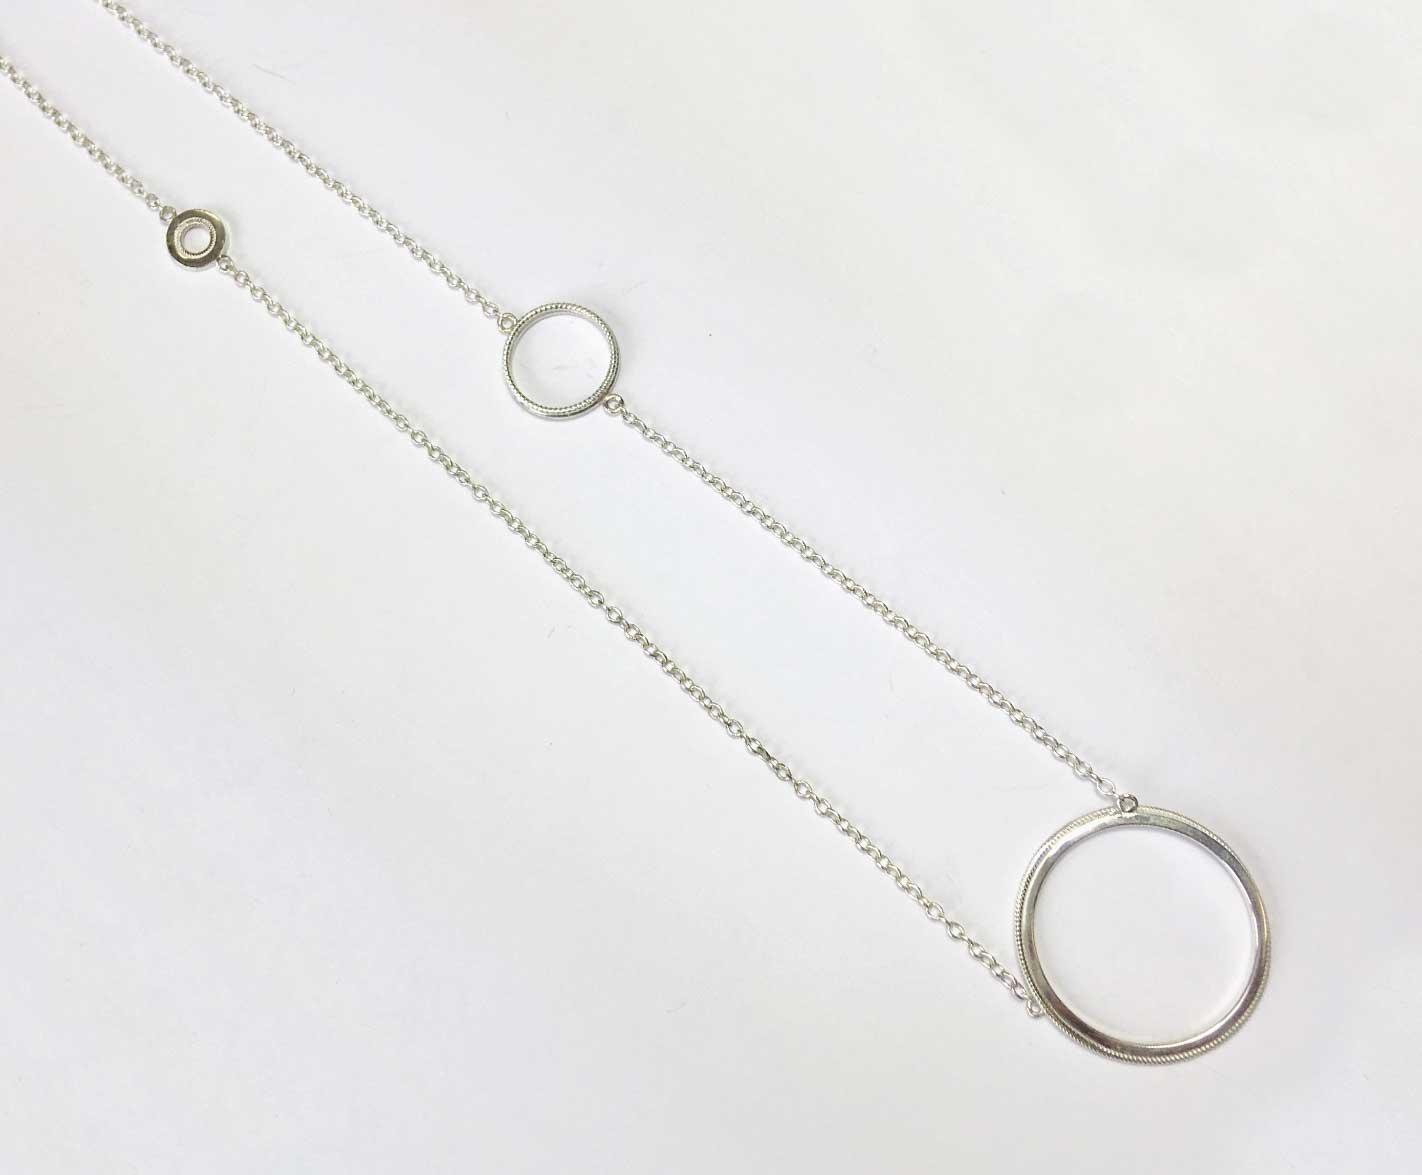 Elliptical Necklace 1